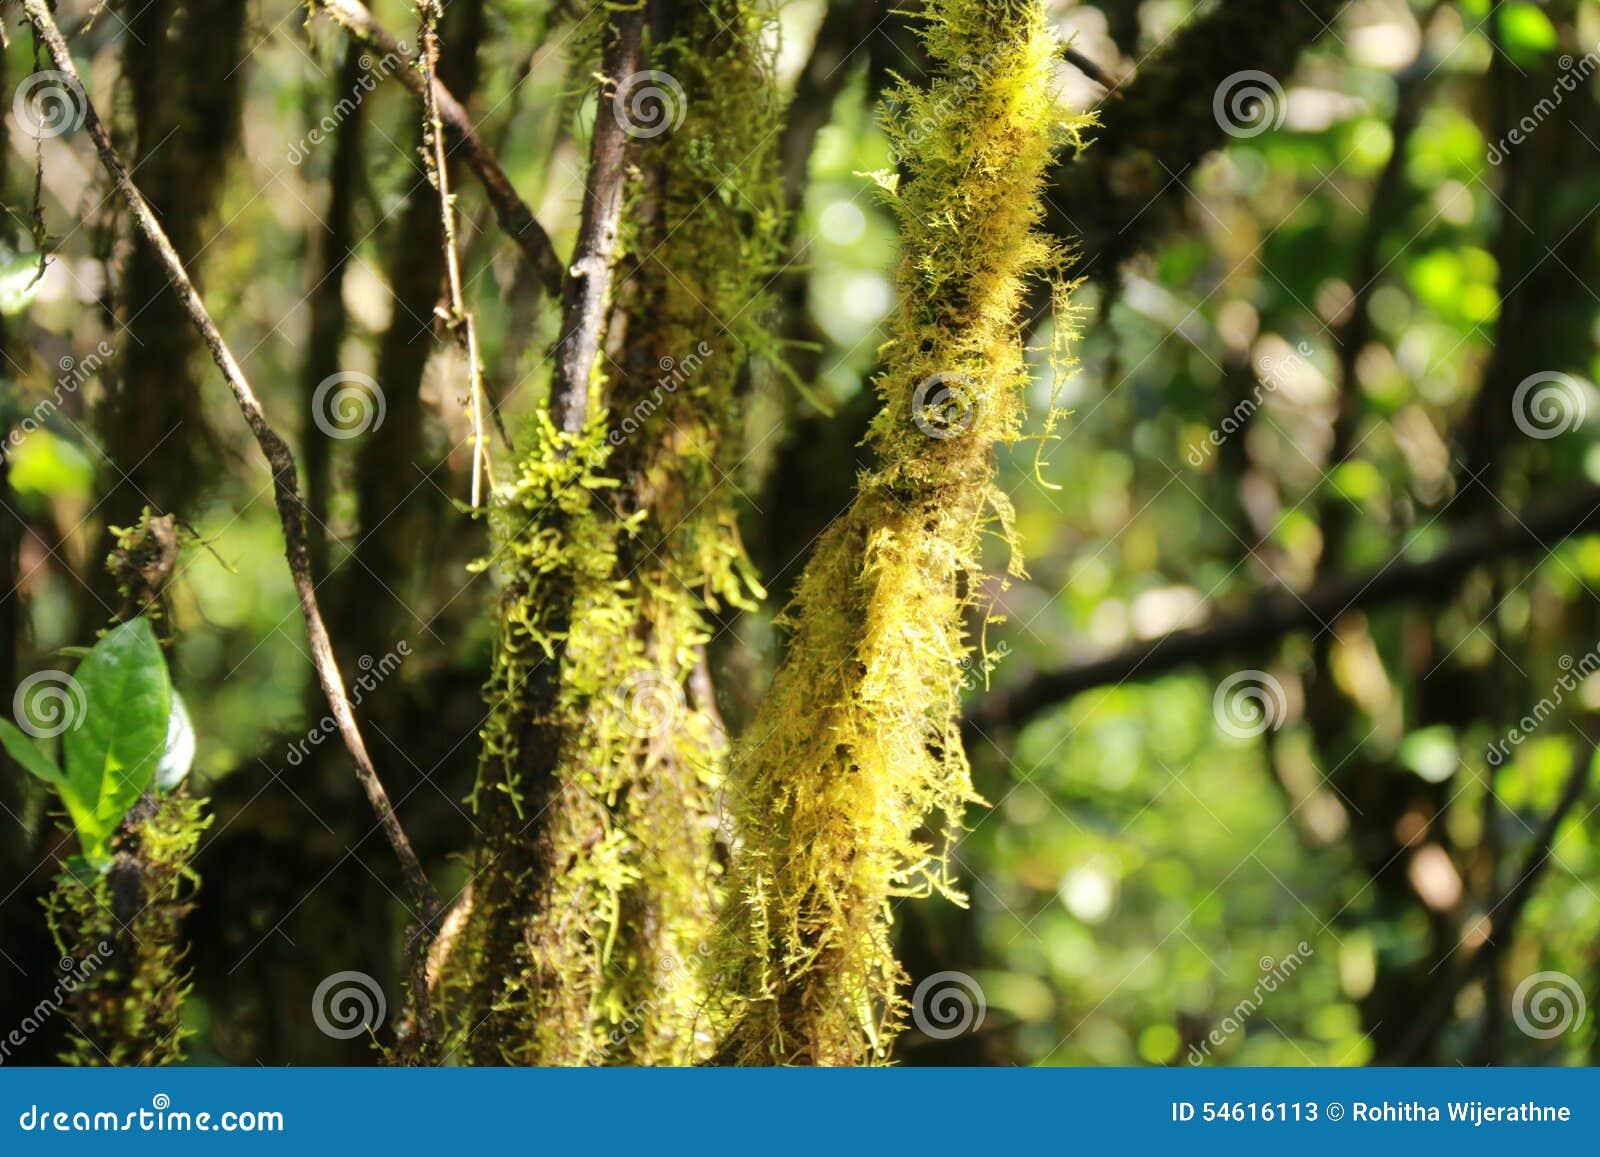 Mousse sur l 39 corce d 39 arbre photo stock image 54616113 - Mousse sur les arbres ...